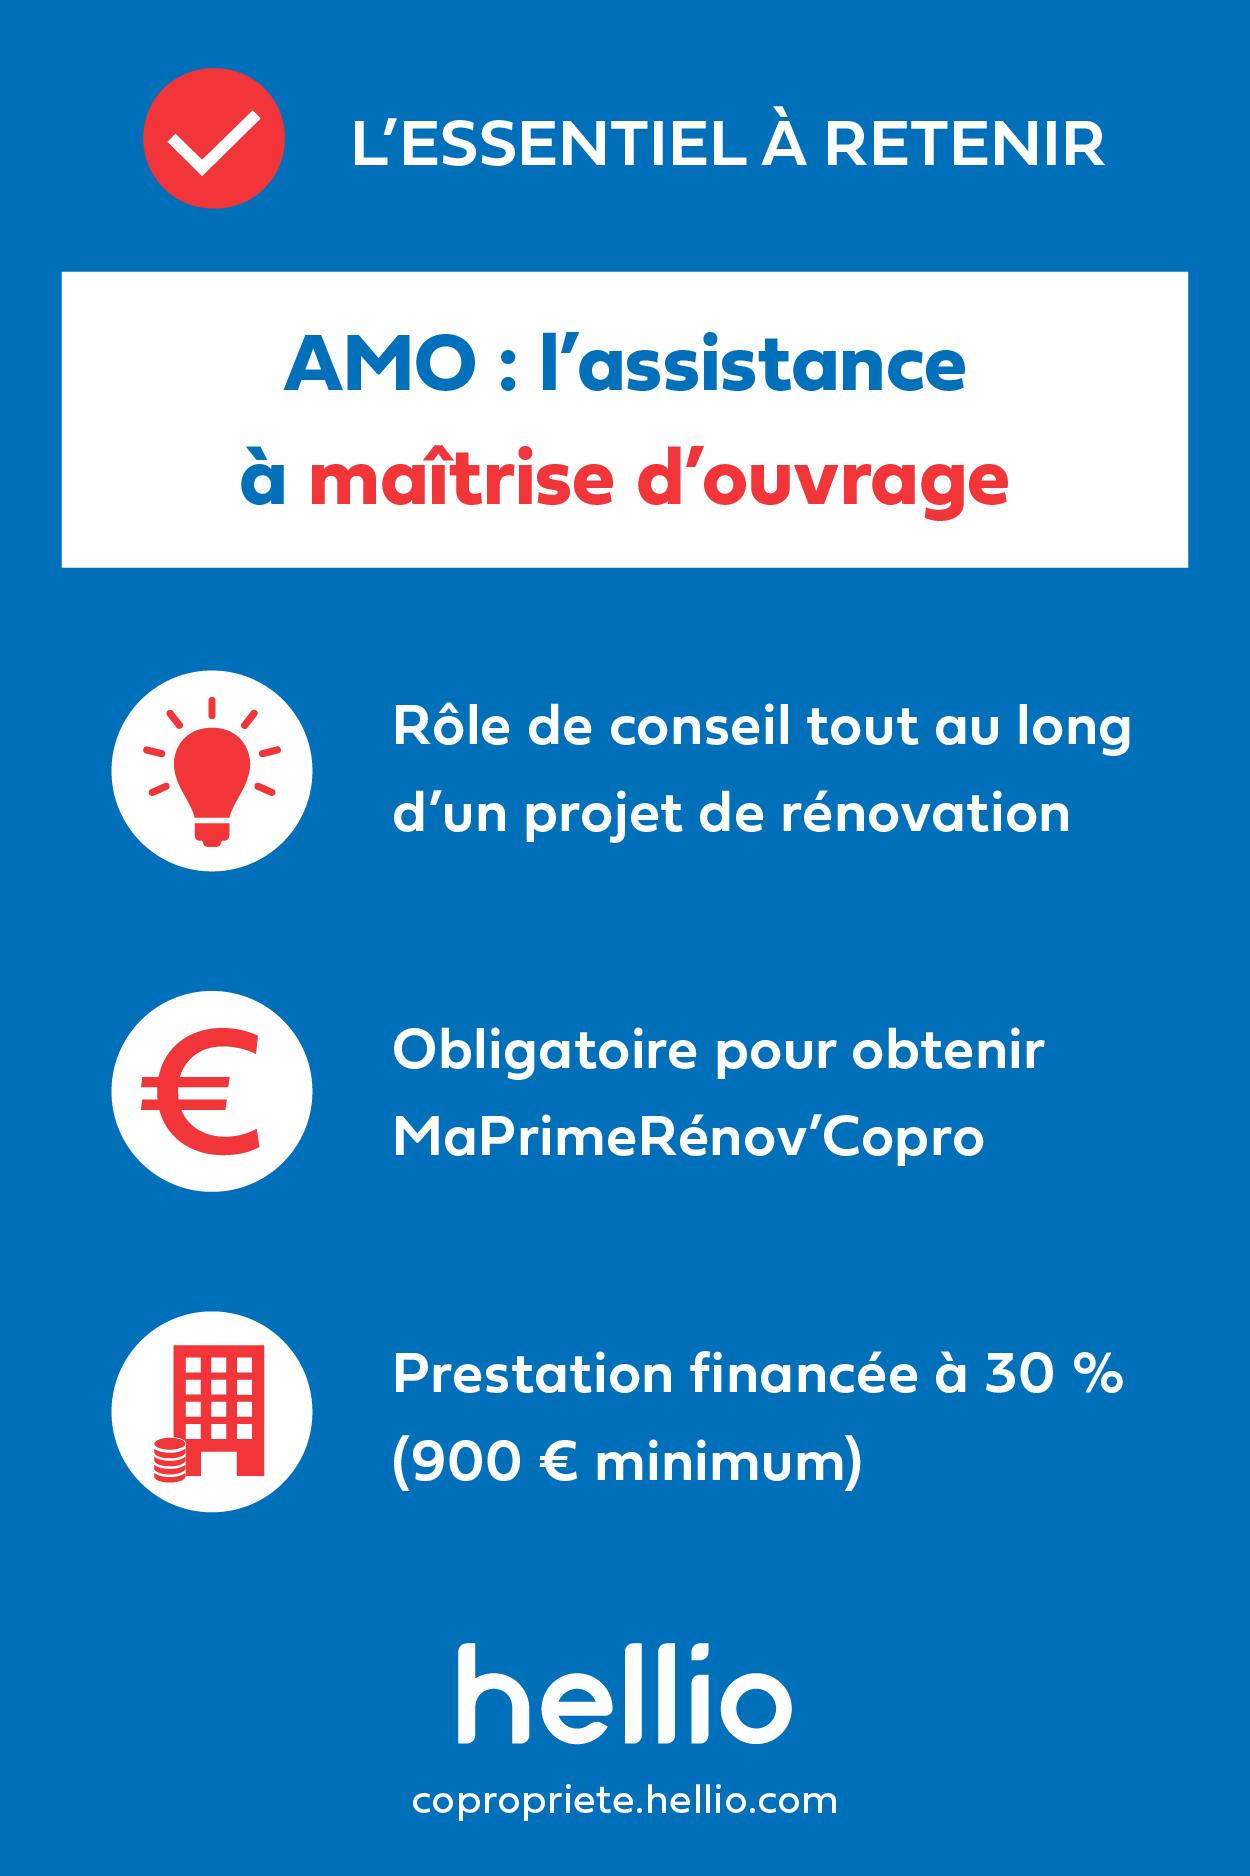 infographie-essentiel-retenir-hellio-copropriete-assistance-maitrise-ouvrage